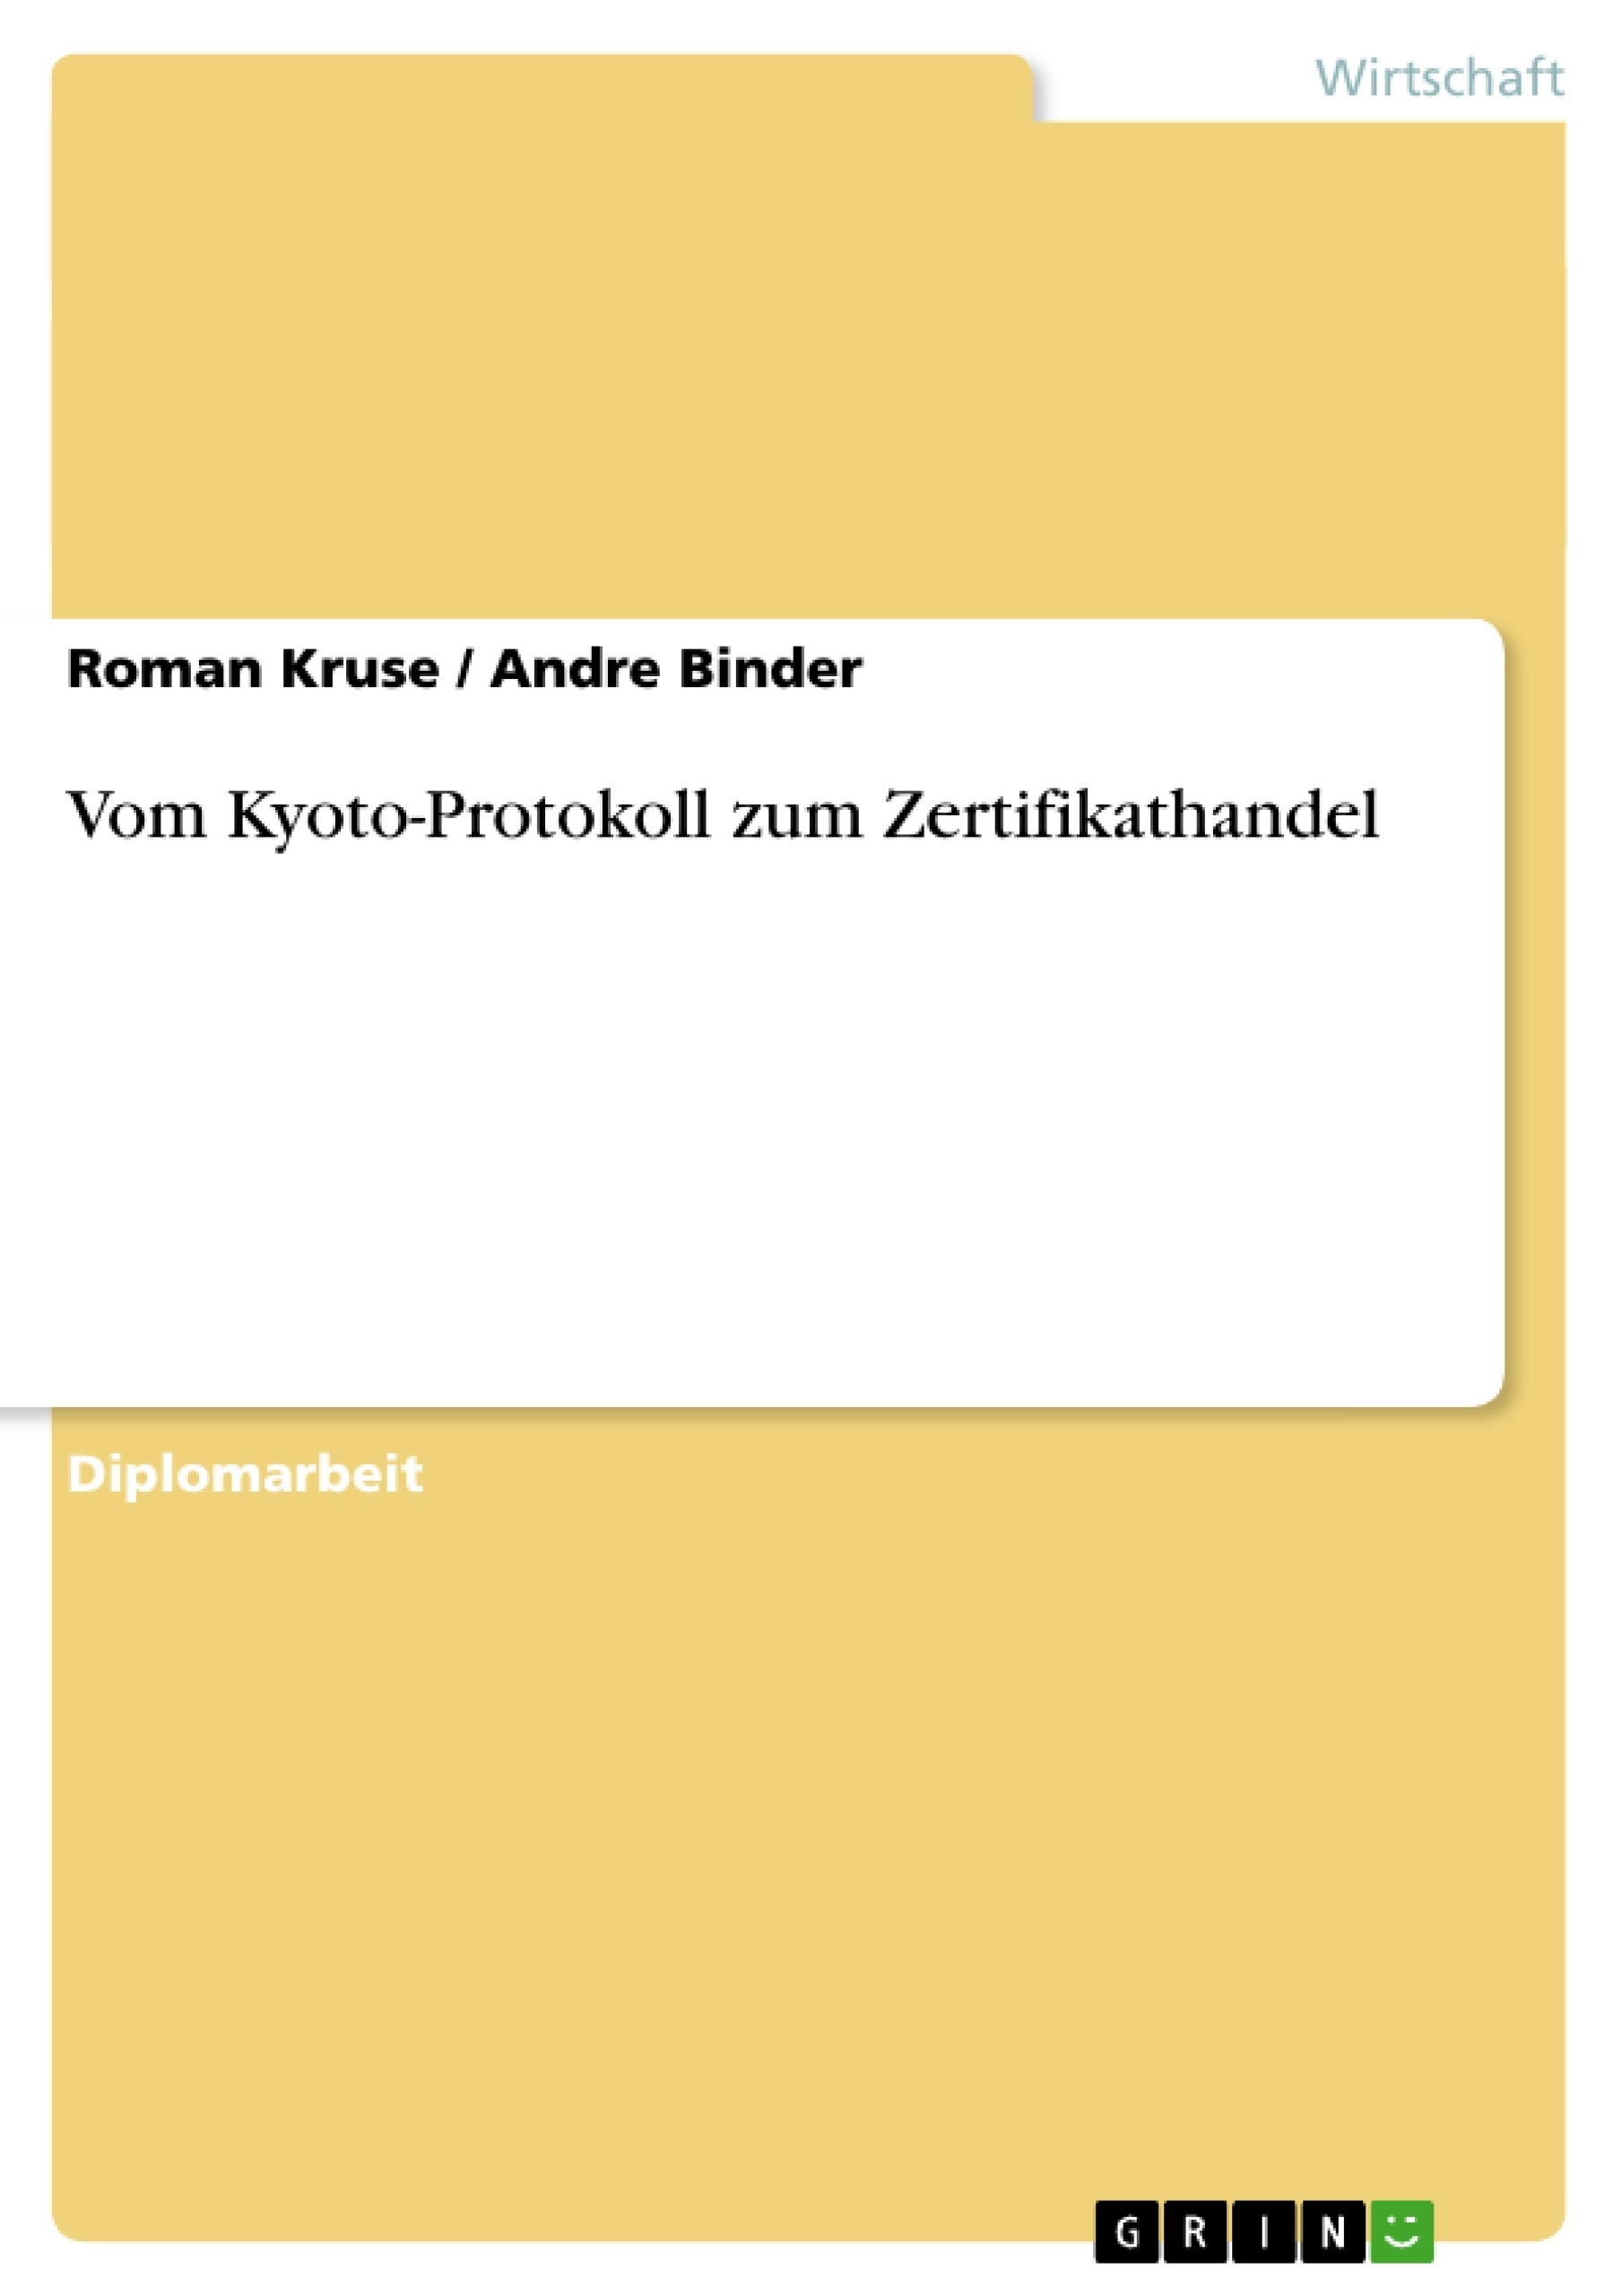 Titel: Vom Kyoto-Protokoll zum Zertifikathandel